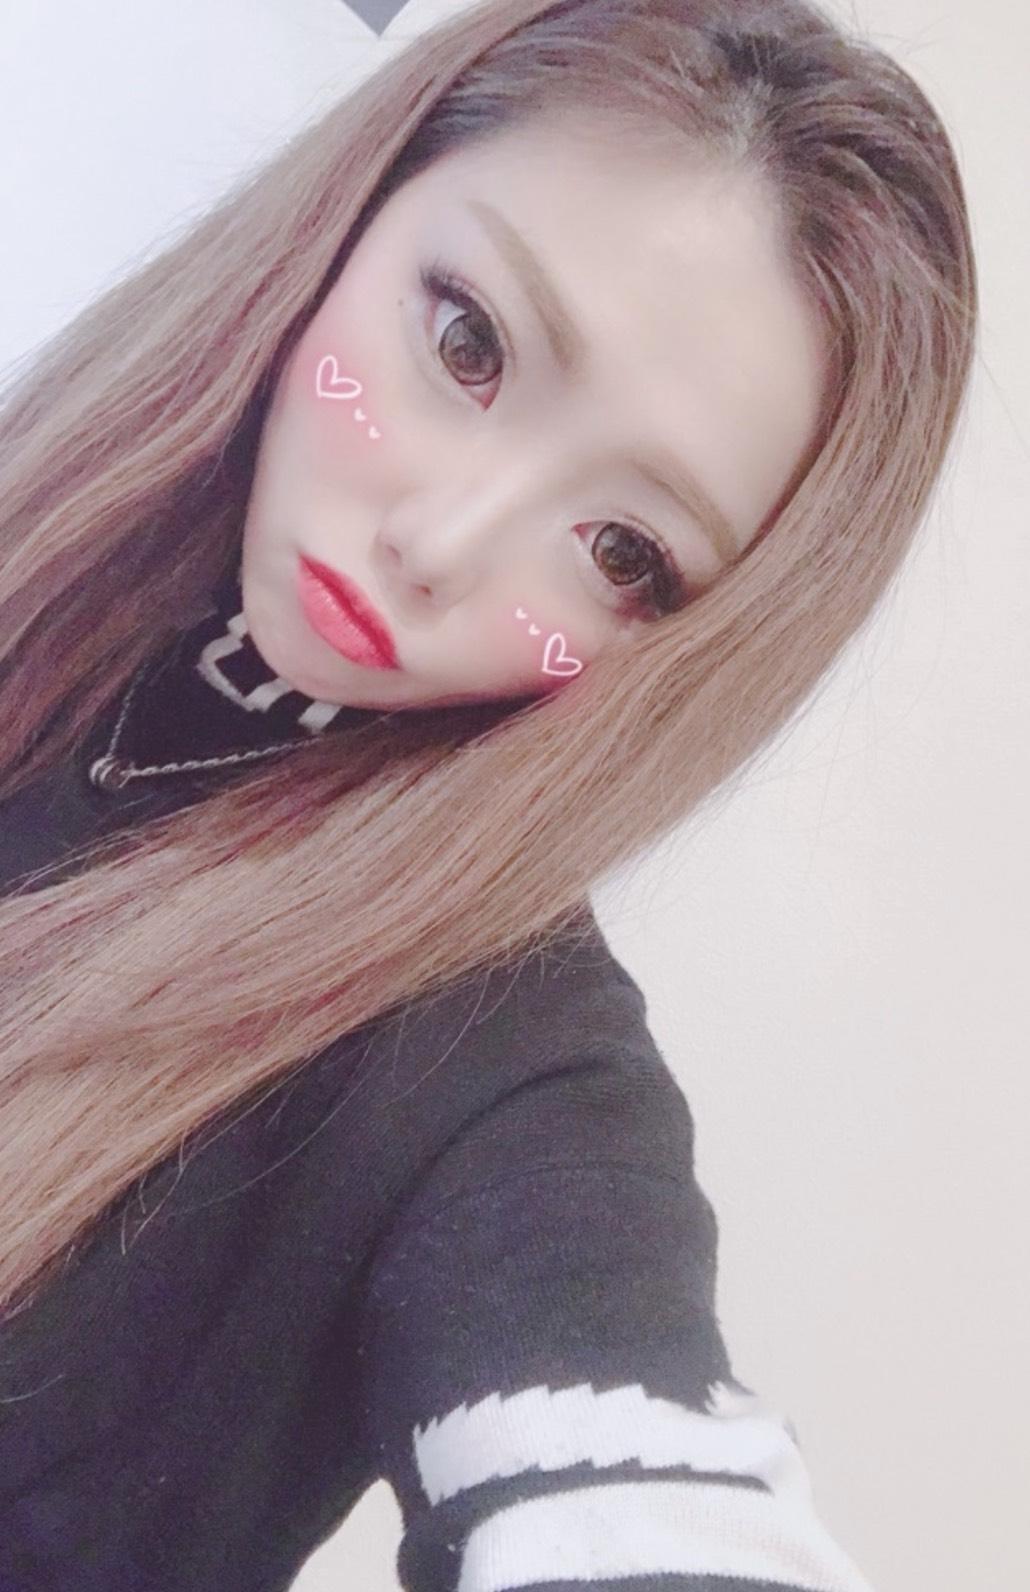 「パコっちゃお♪」08/04(水) 03:12   せーちゃんの写メ